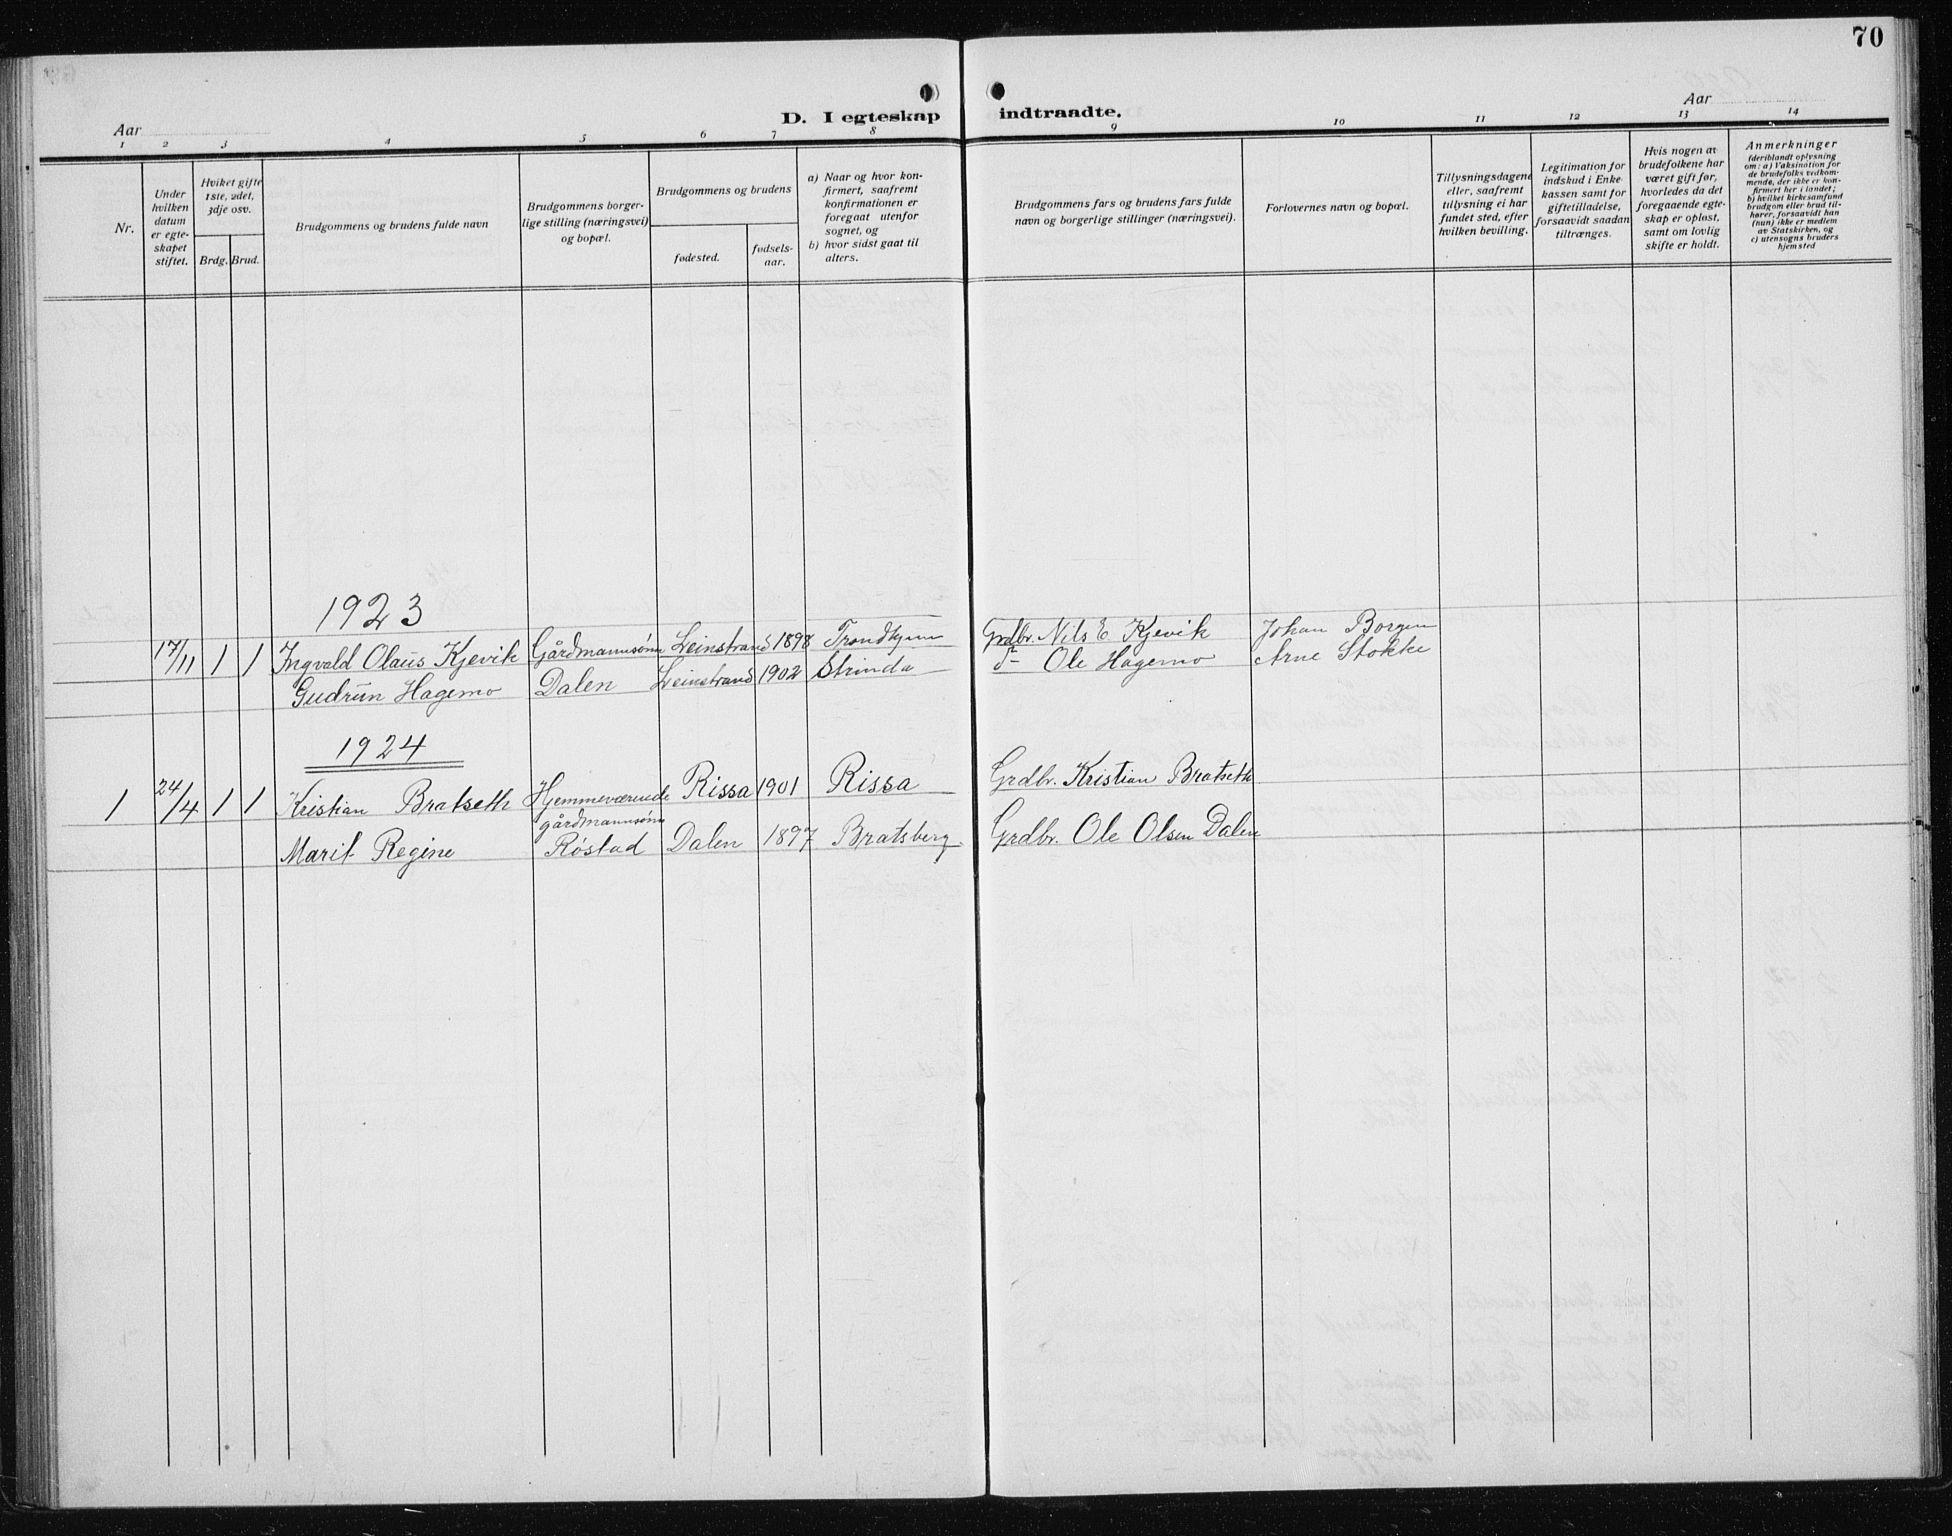 SAT, Ministerialprotokoller, klokkerbøker og fødselsregistre - Sør-Trøndelag, 608/L0342: Klokkerbok nr. 608C08, 1912-1938, s. 70